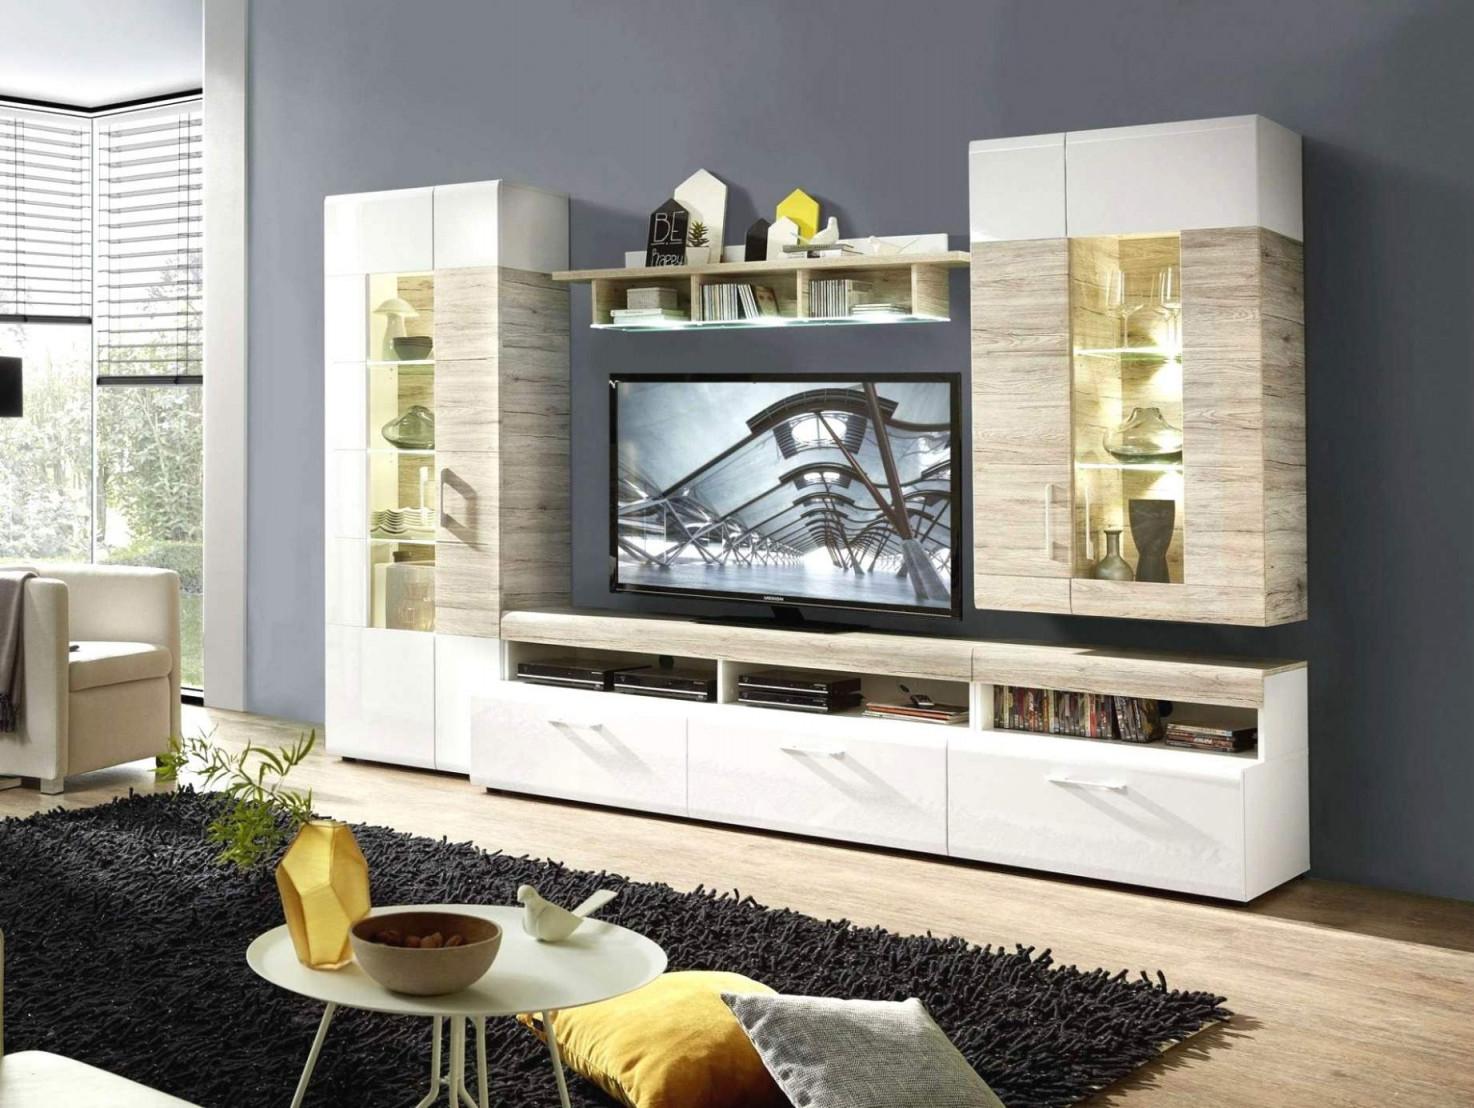 Wohnzimmer Fernsehwand Elegant 6 Einzigartig Dekoideen von Wohnzimmer Fernsehwand Ideen Photo